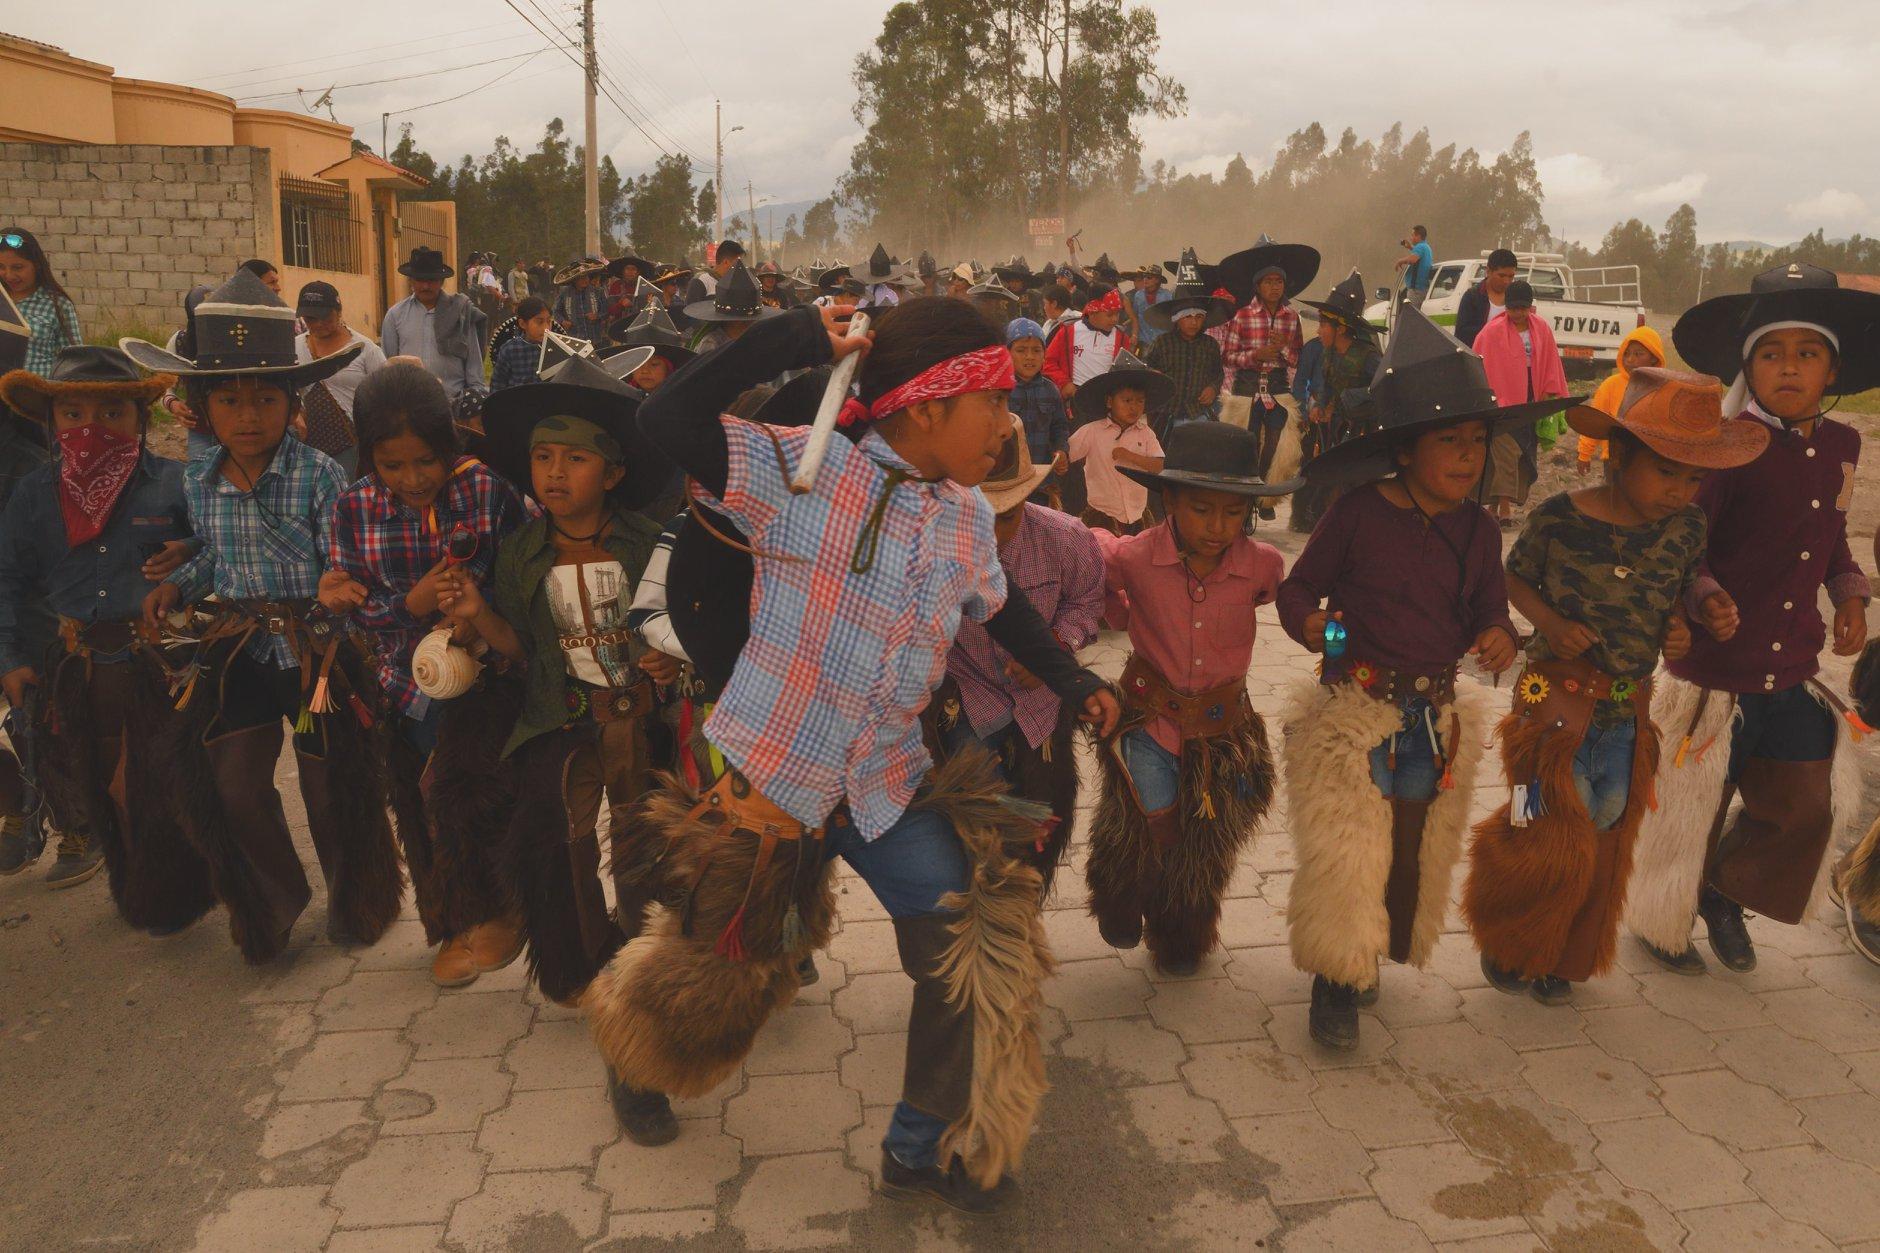 Sur le chemin de Cotacachi, en Equateur, lors de la fête d'Inti Raymi, qui appelle au retour du soleil. Photo Dominique de la Tour